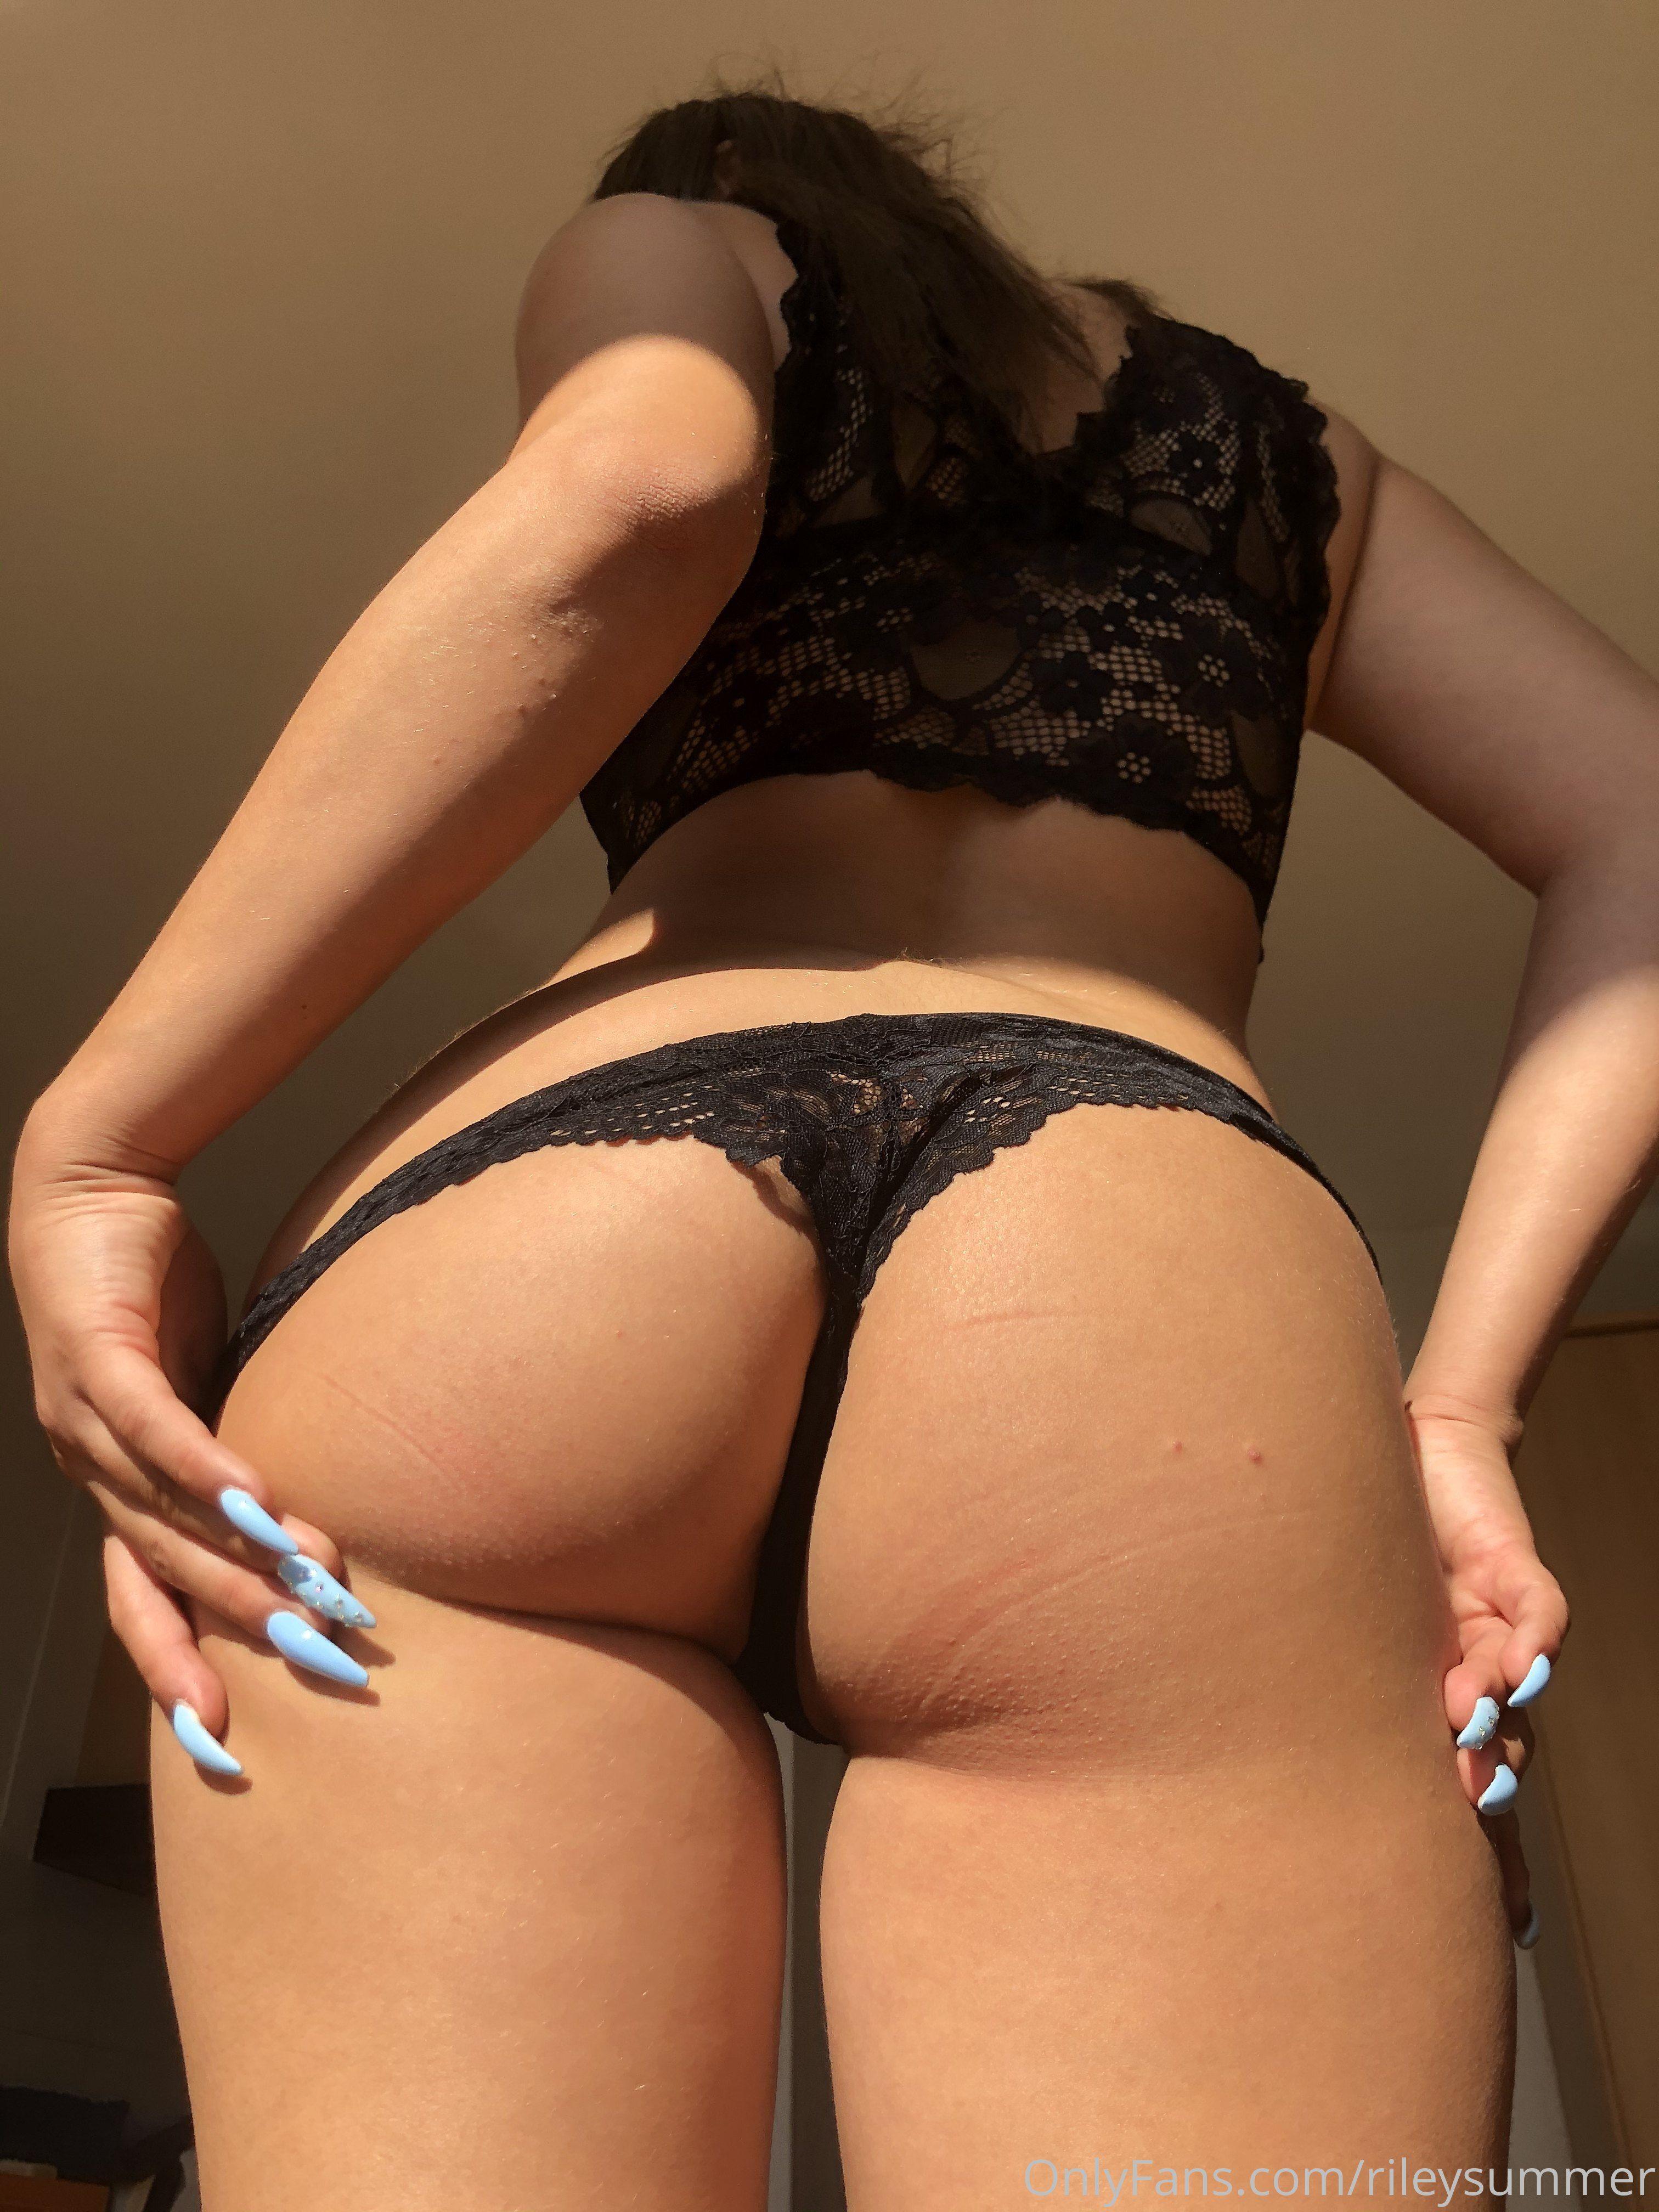 Rileysummer Nude Onlyfans Leaked 0088